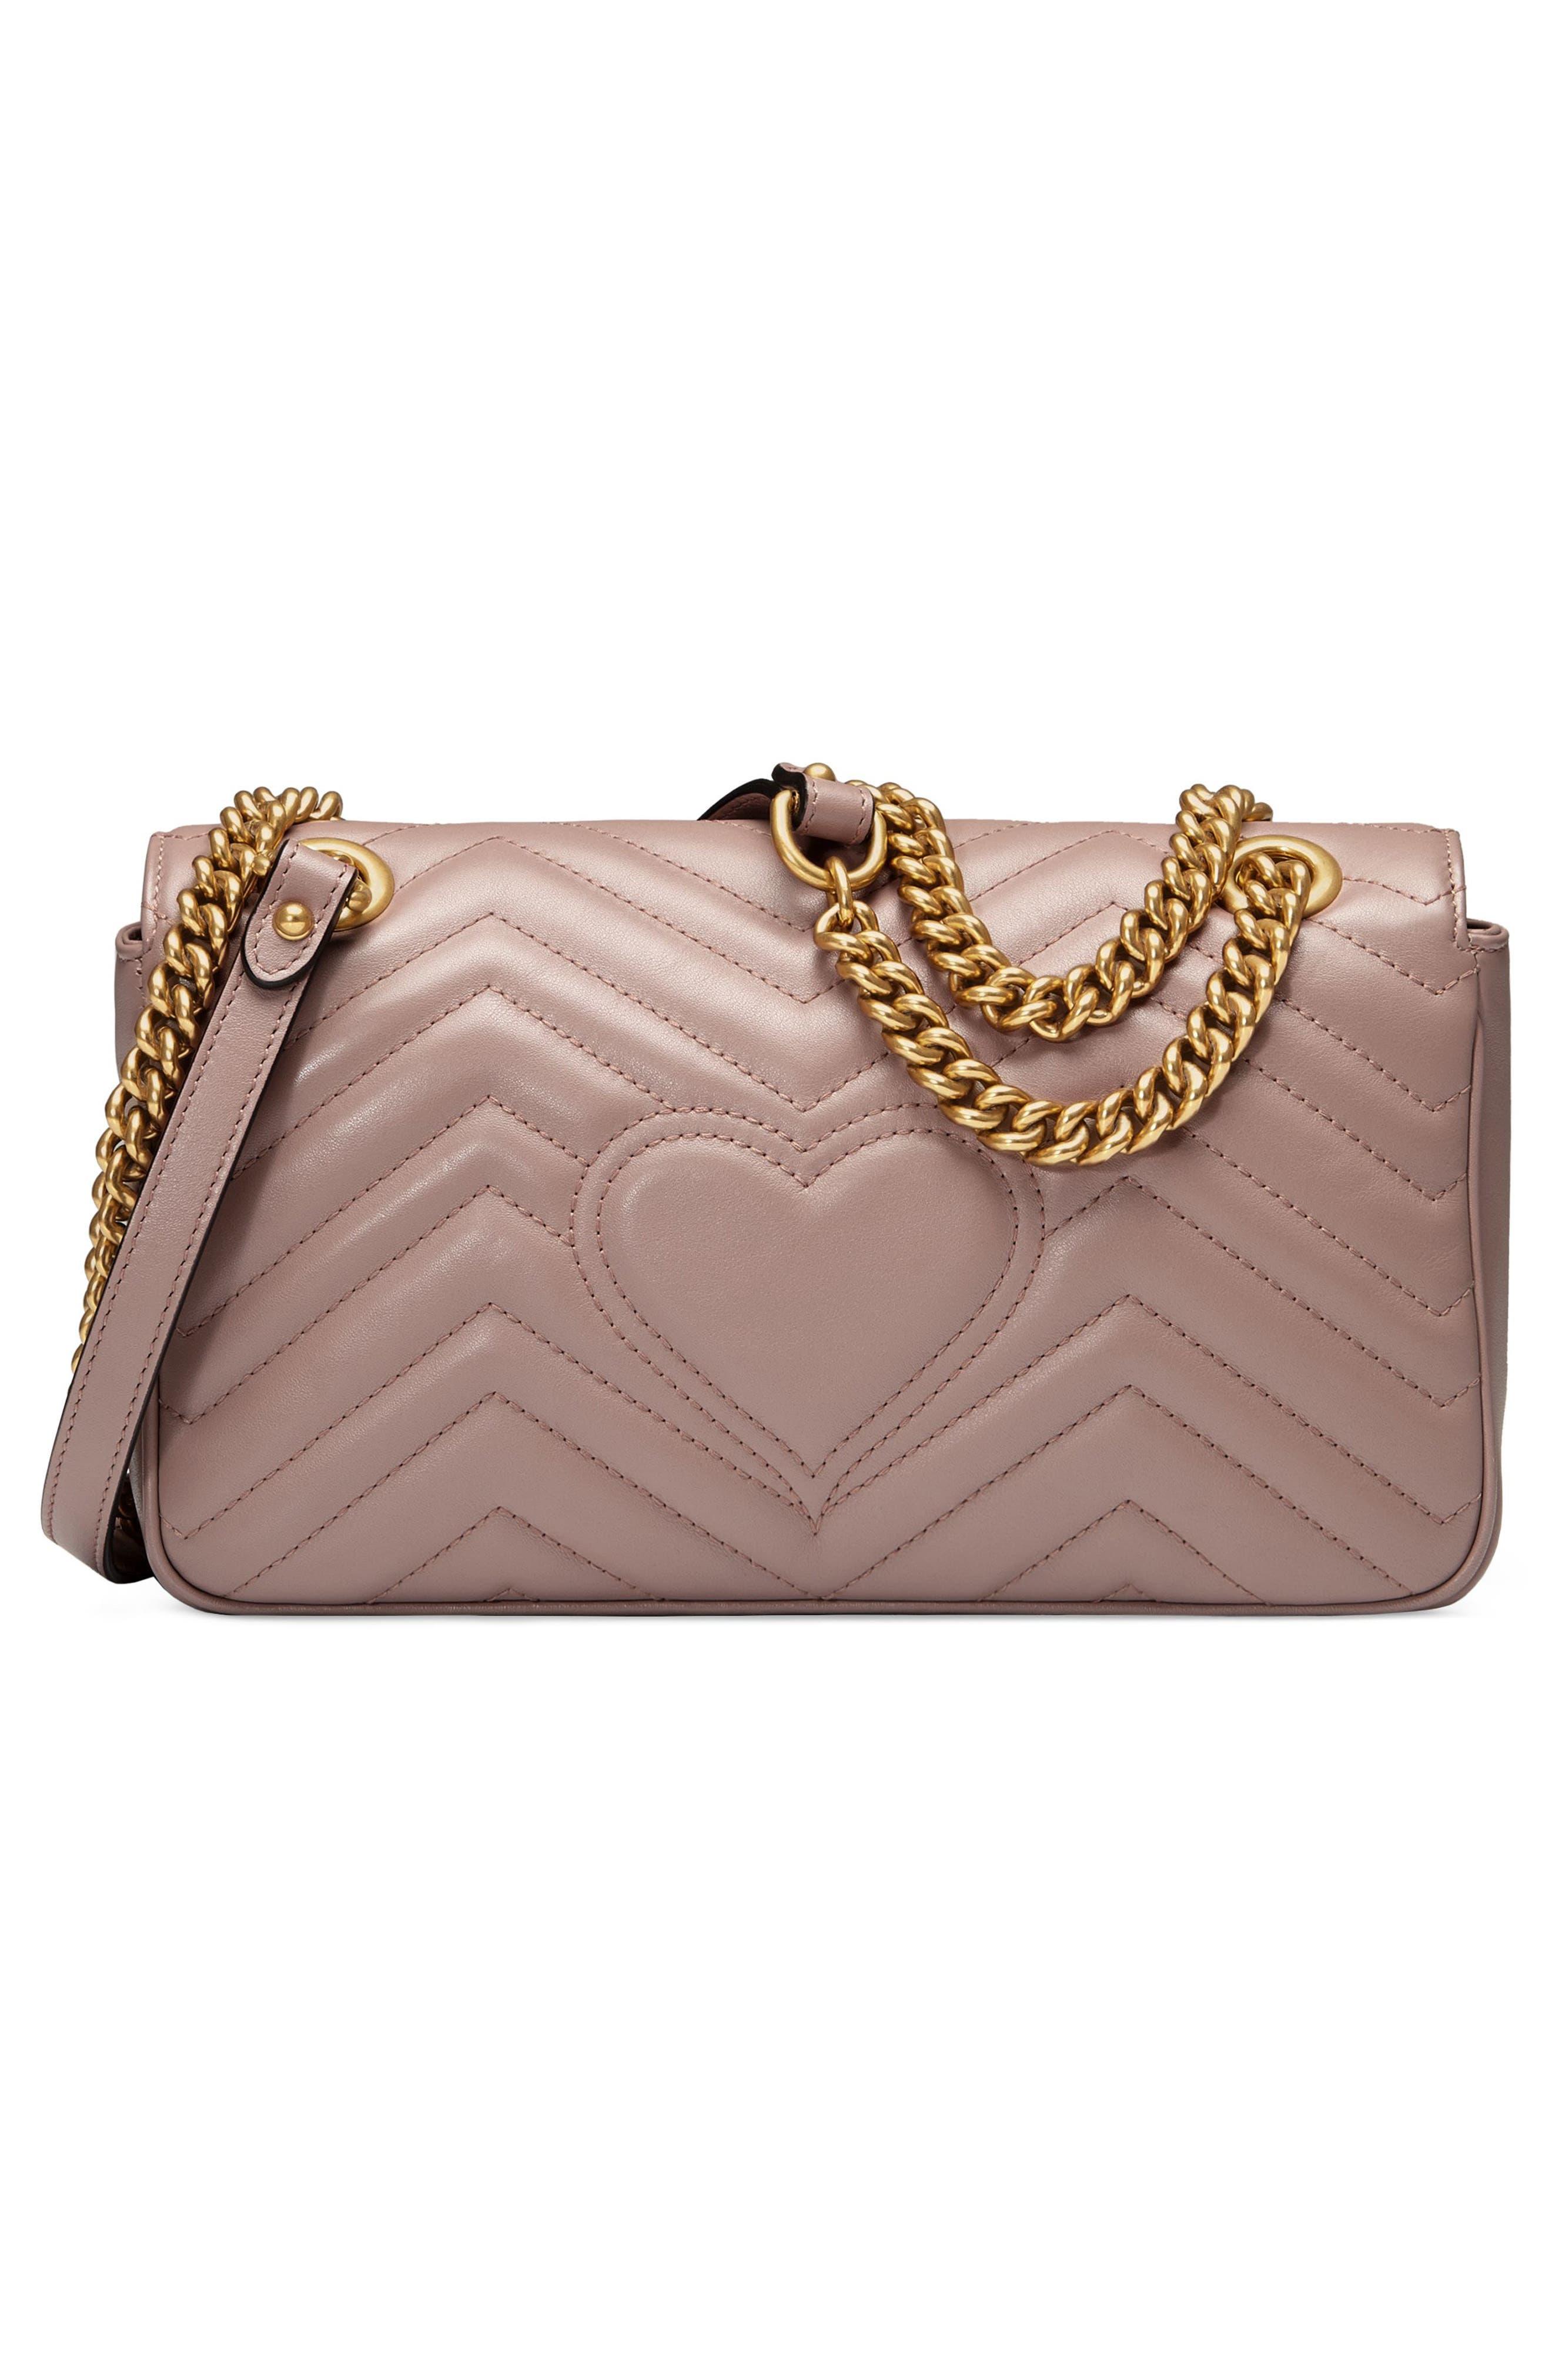 GUCCI, Small GG Marmont 2.0 Matelassé Leather Shoulder Bag, Alternate thumbnail 2, color, PORCELAIN ROSE/ PORCELAIN ROSE